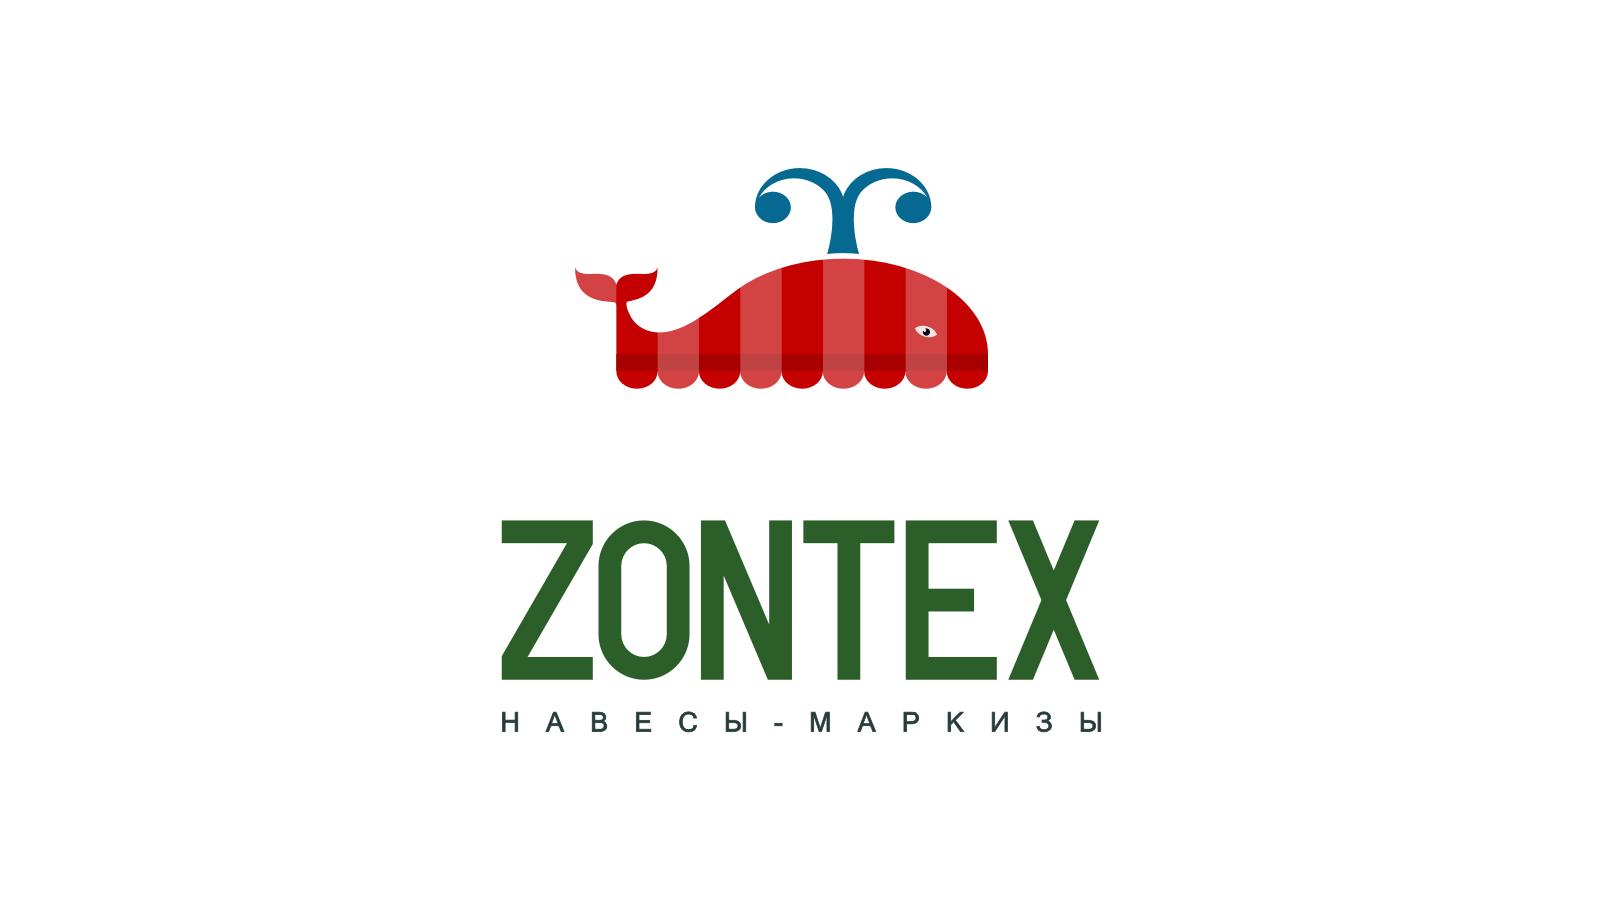 Логотип для интернет проекта фото f_0815a2c69da48c5d.png